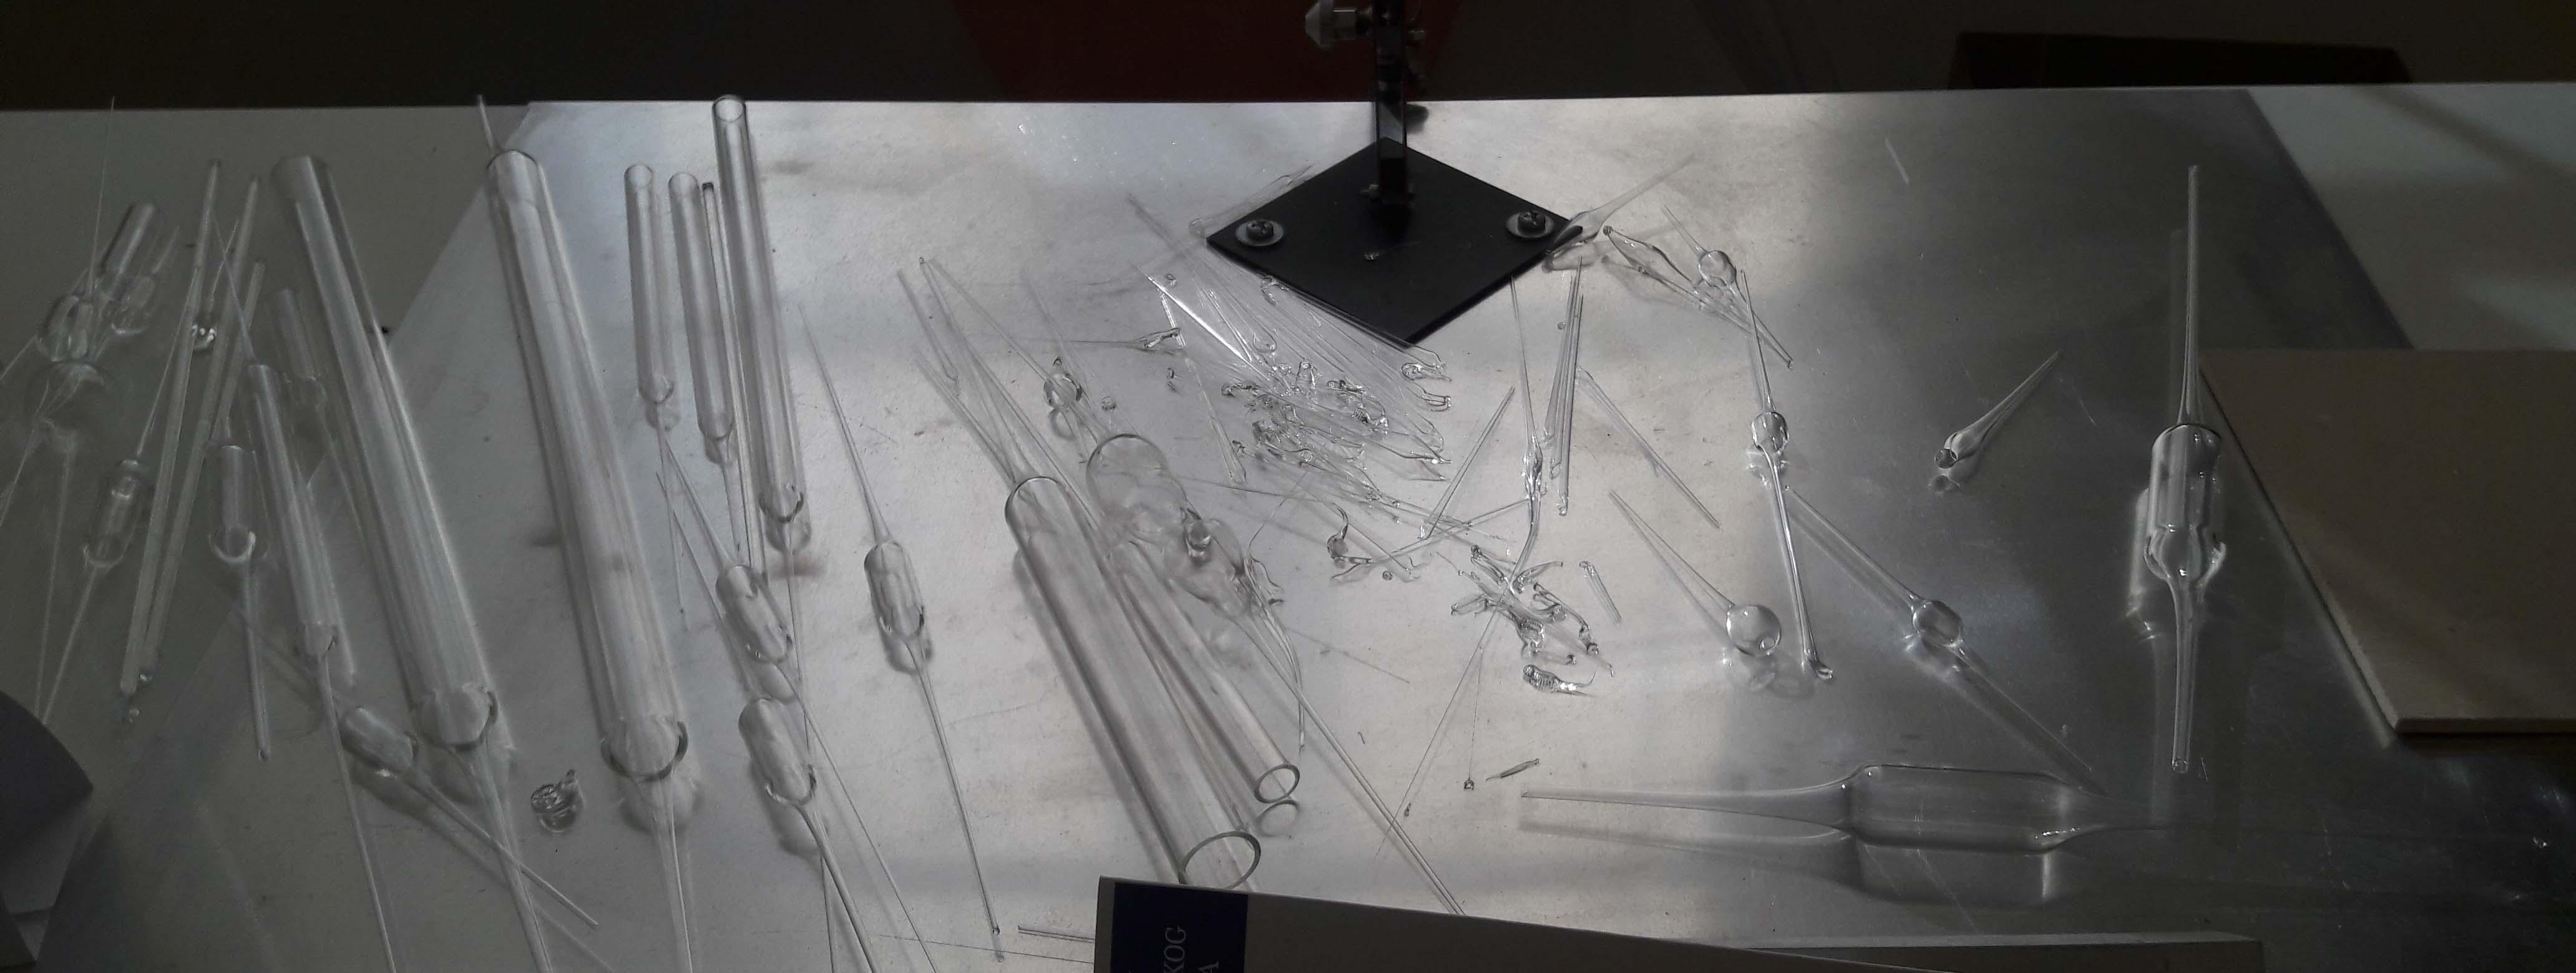 Les éprouvettes et autres verreries du Musée du verre antique de Zadar